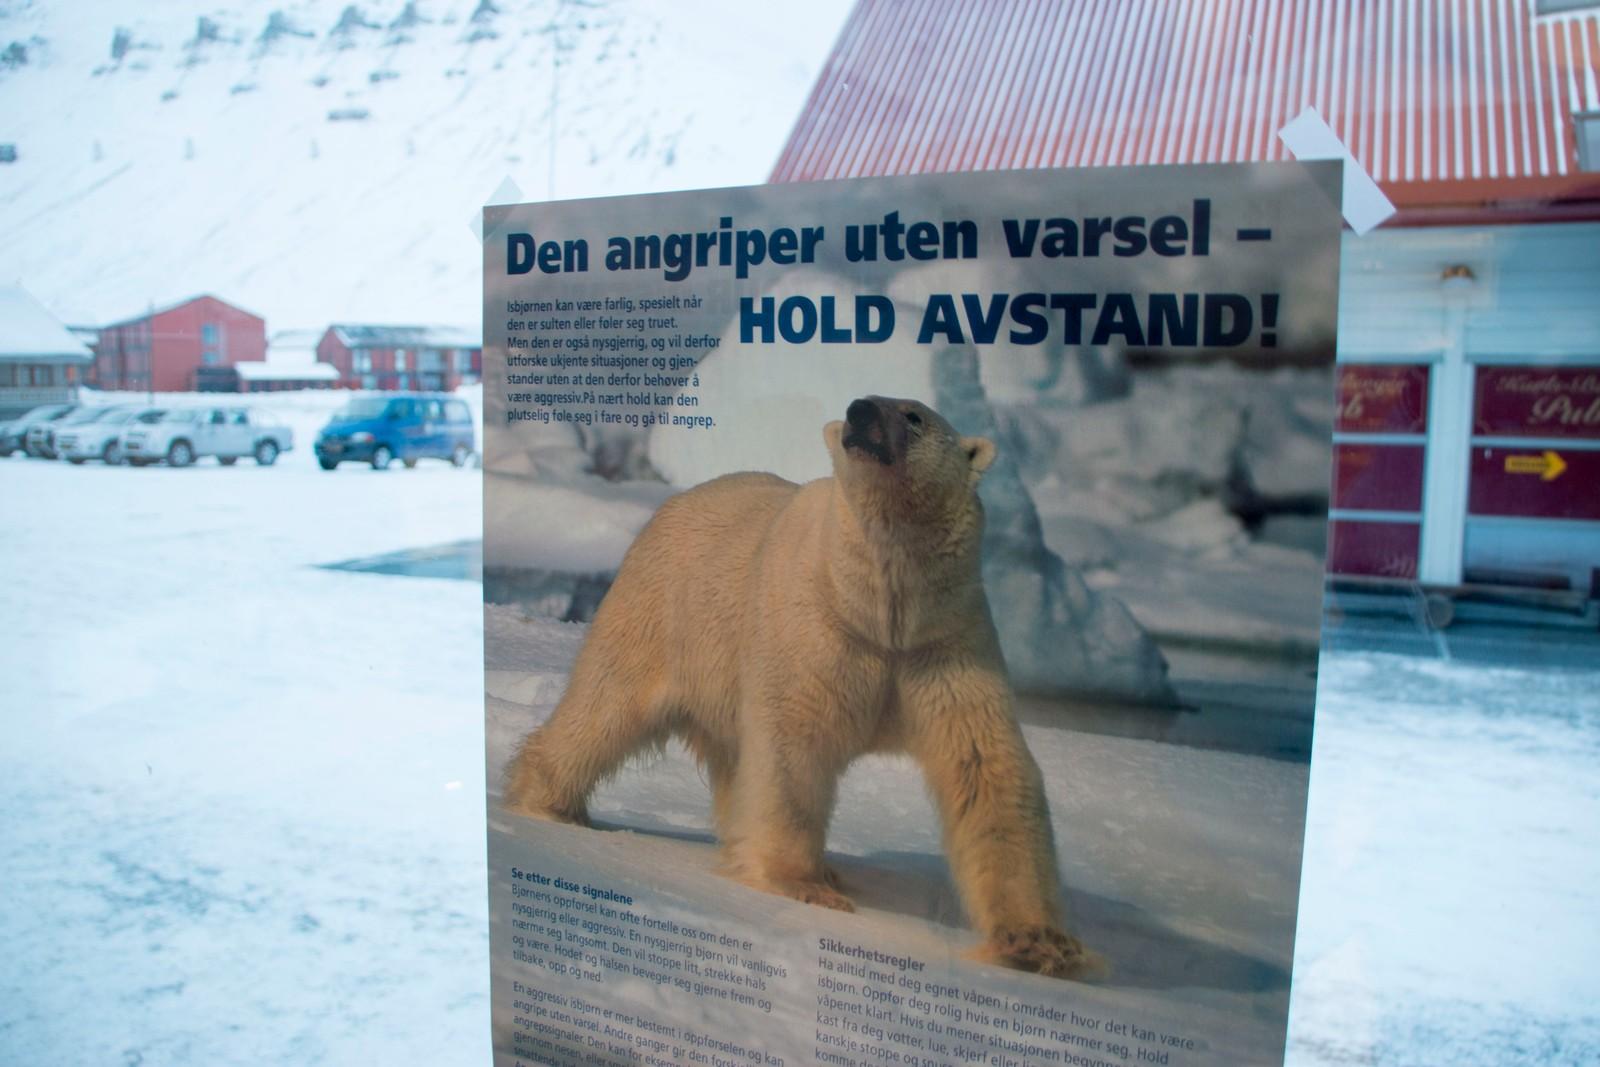 Hold avstand fra isbjørnen!